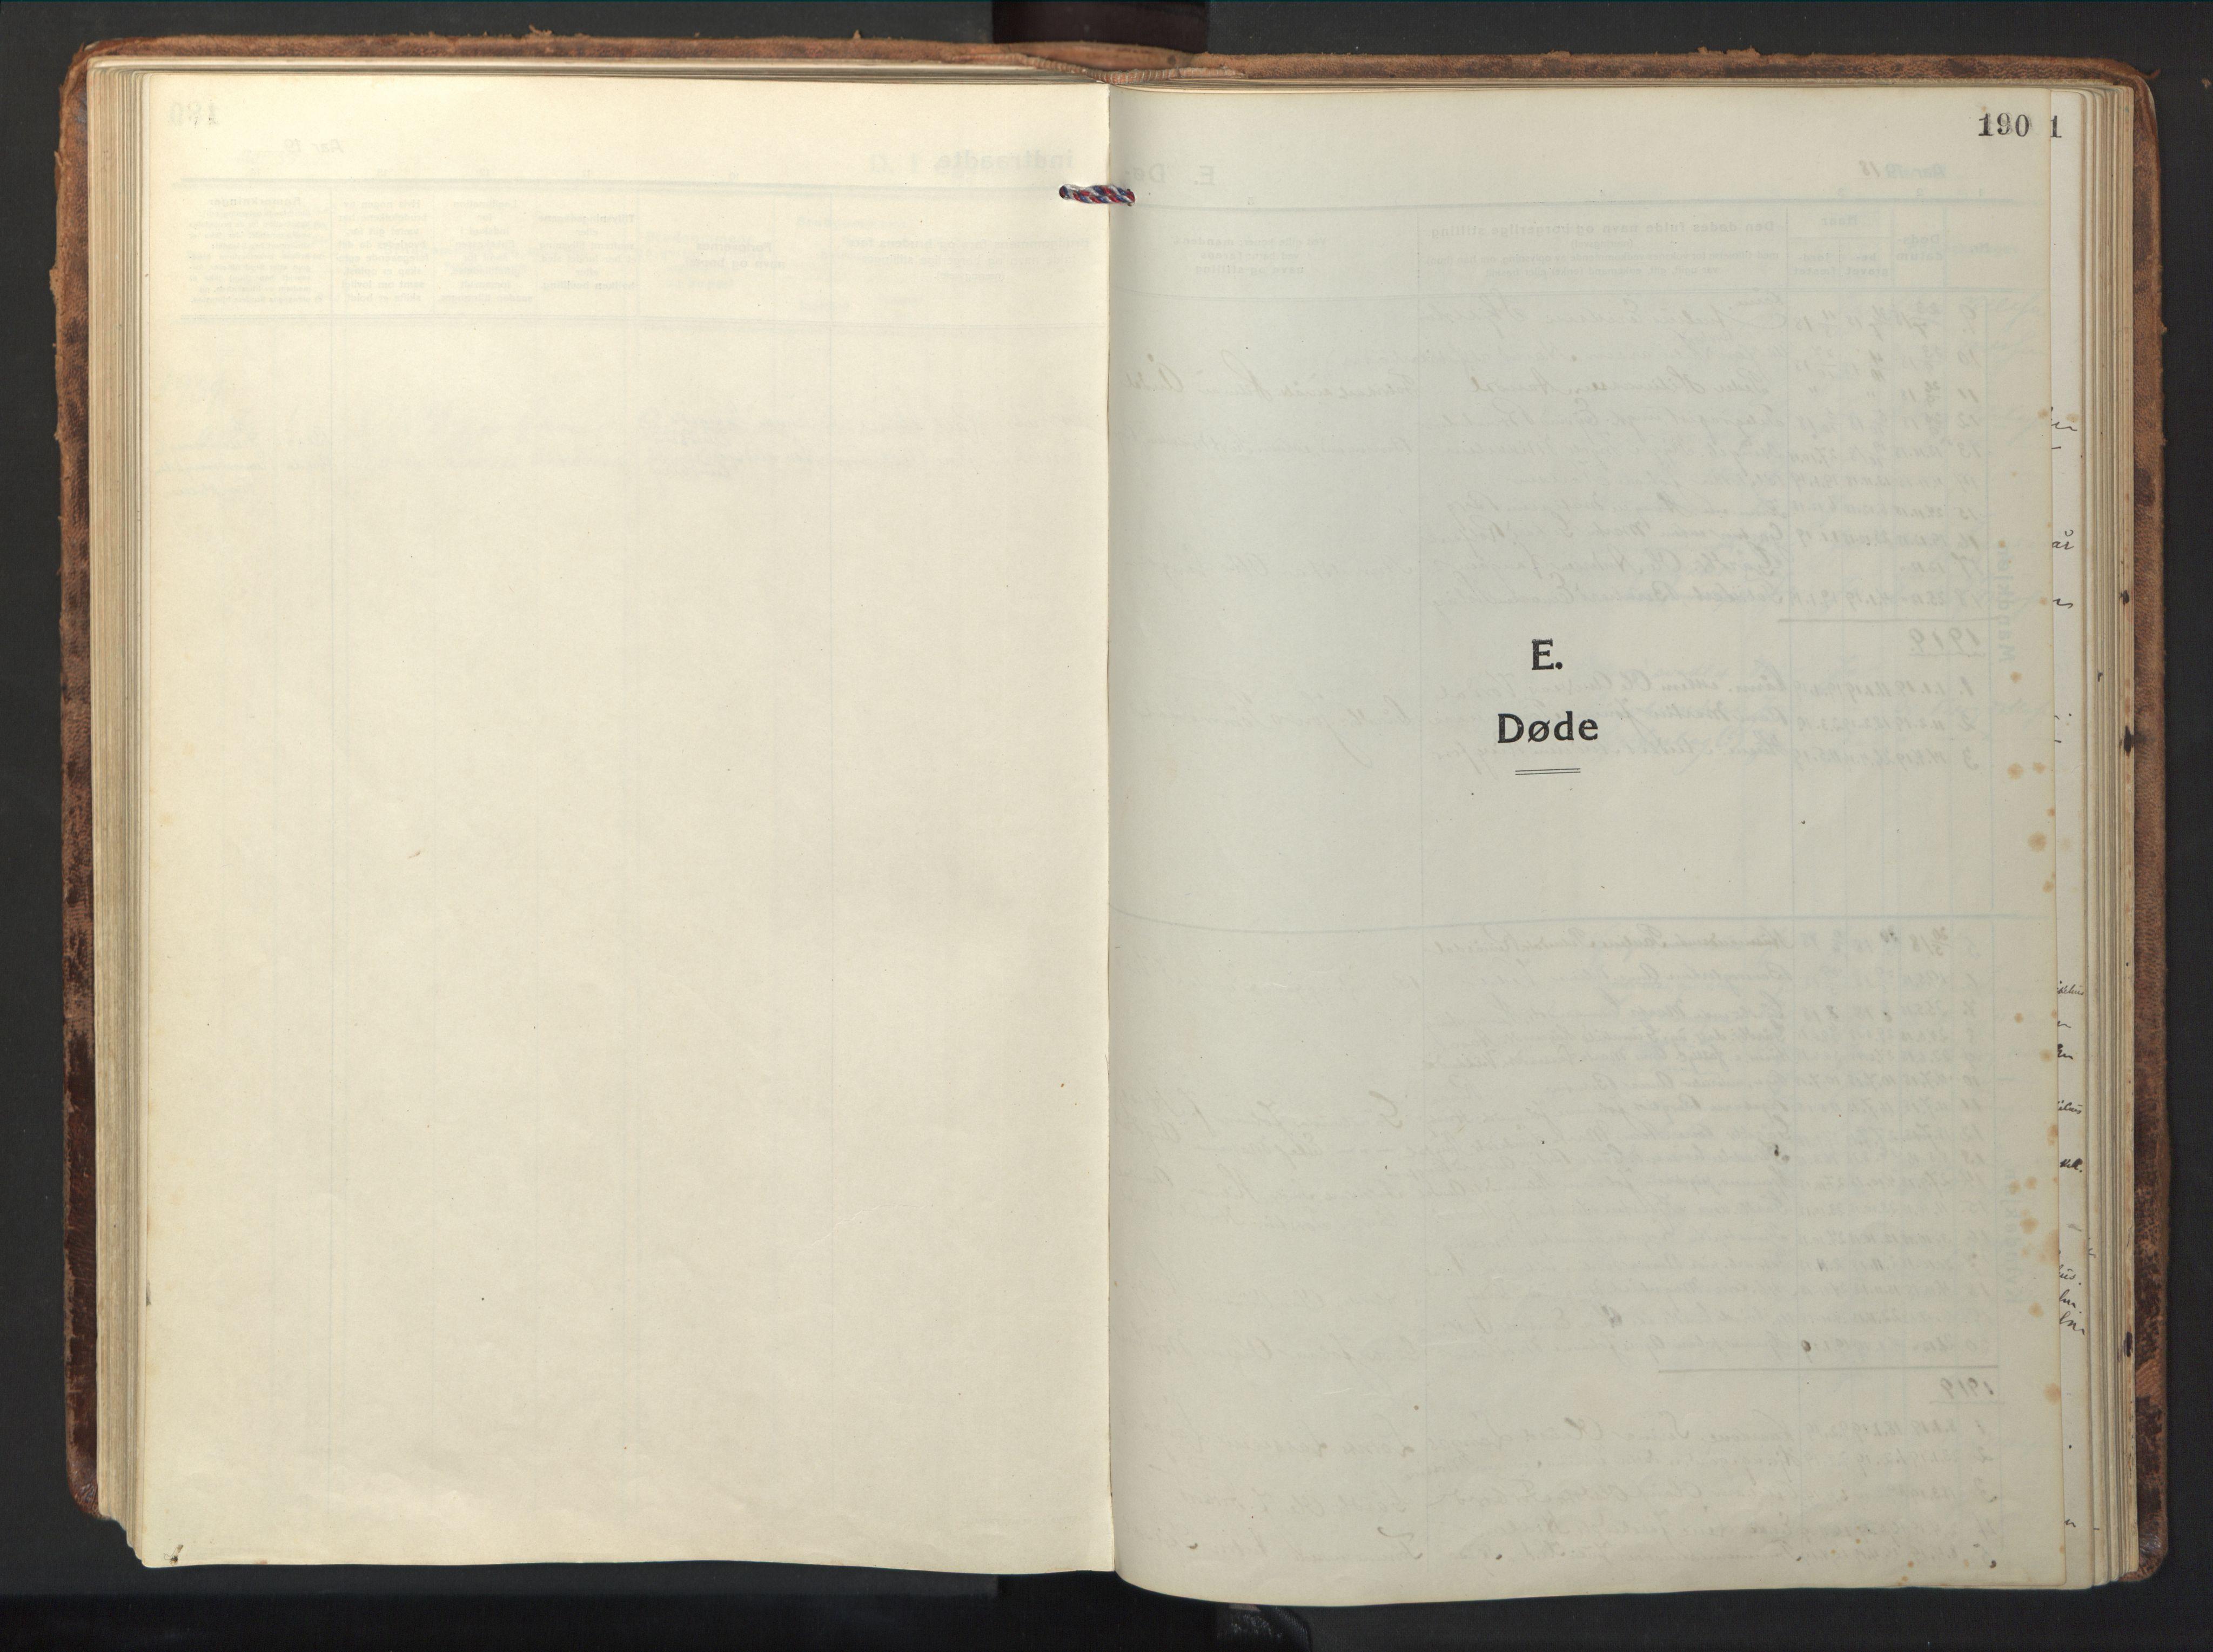 SAT, Ministerialprotokoller, klokkerbøker og fødselsregistre - Nord-Trøndelag, 714/L0136: Klokkerbok nr. 714C05, 1918-1957, s. 190